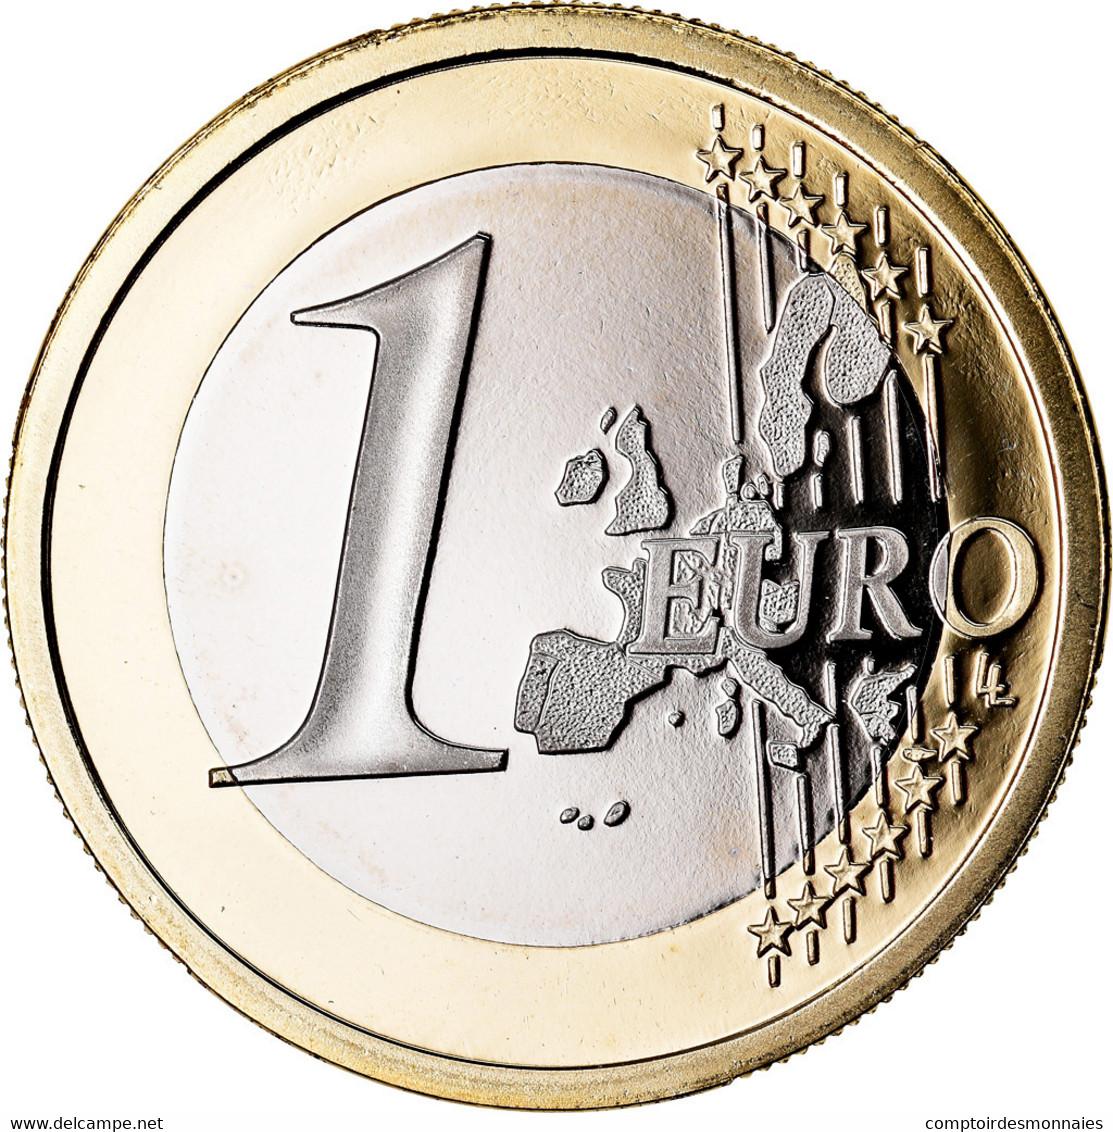 Monaco, Euro, 2006, Proof, FDC, Bi-Metallic, KM:184 - Monaco